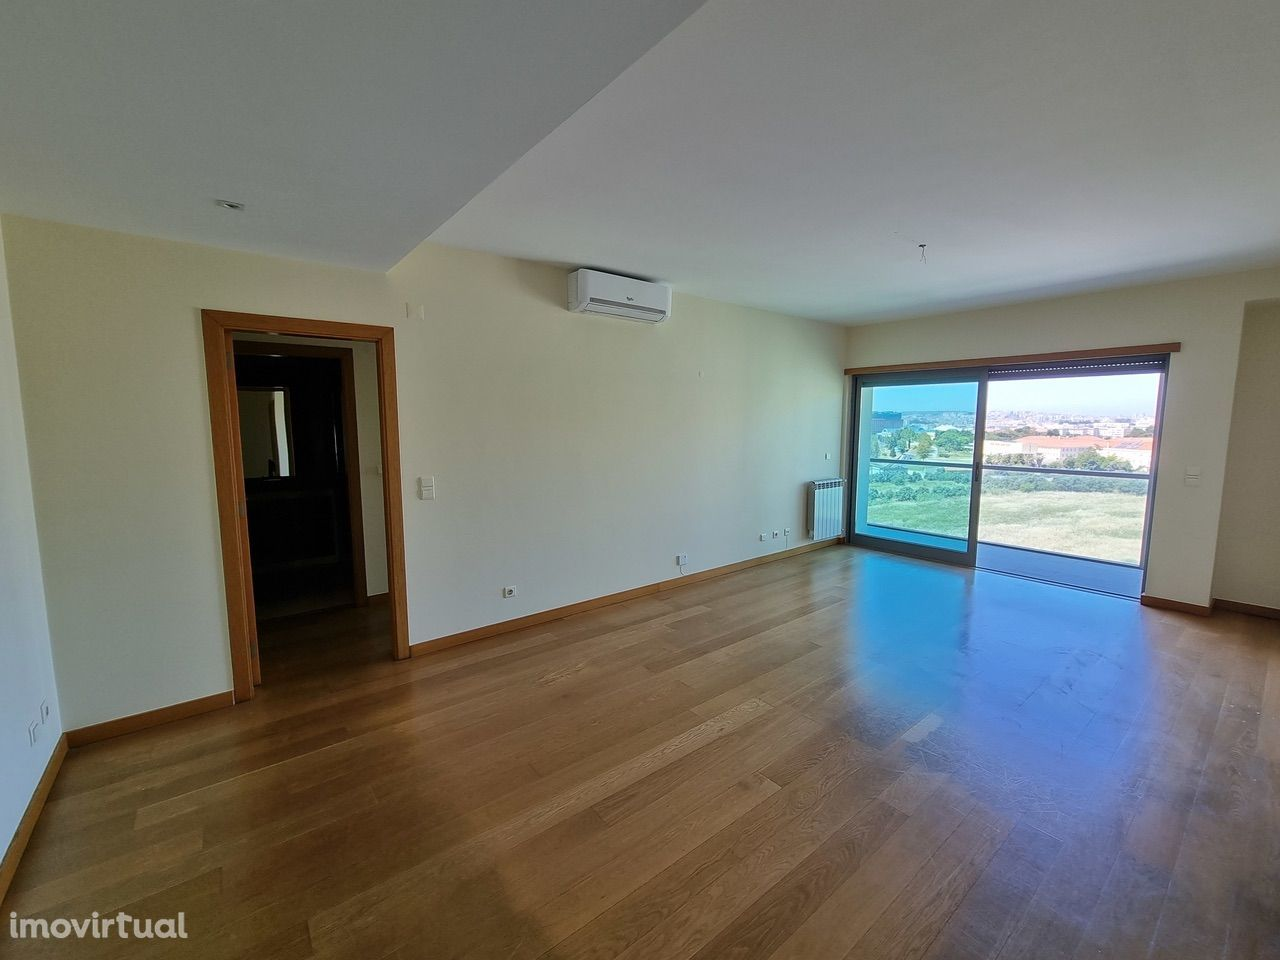 Apartamento T1 no Parque dos Príncipes, Telheiras, para Arrendamento